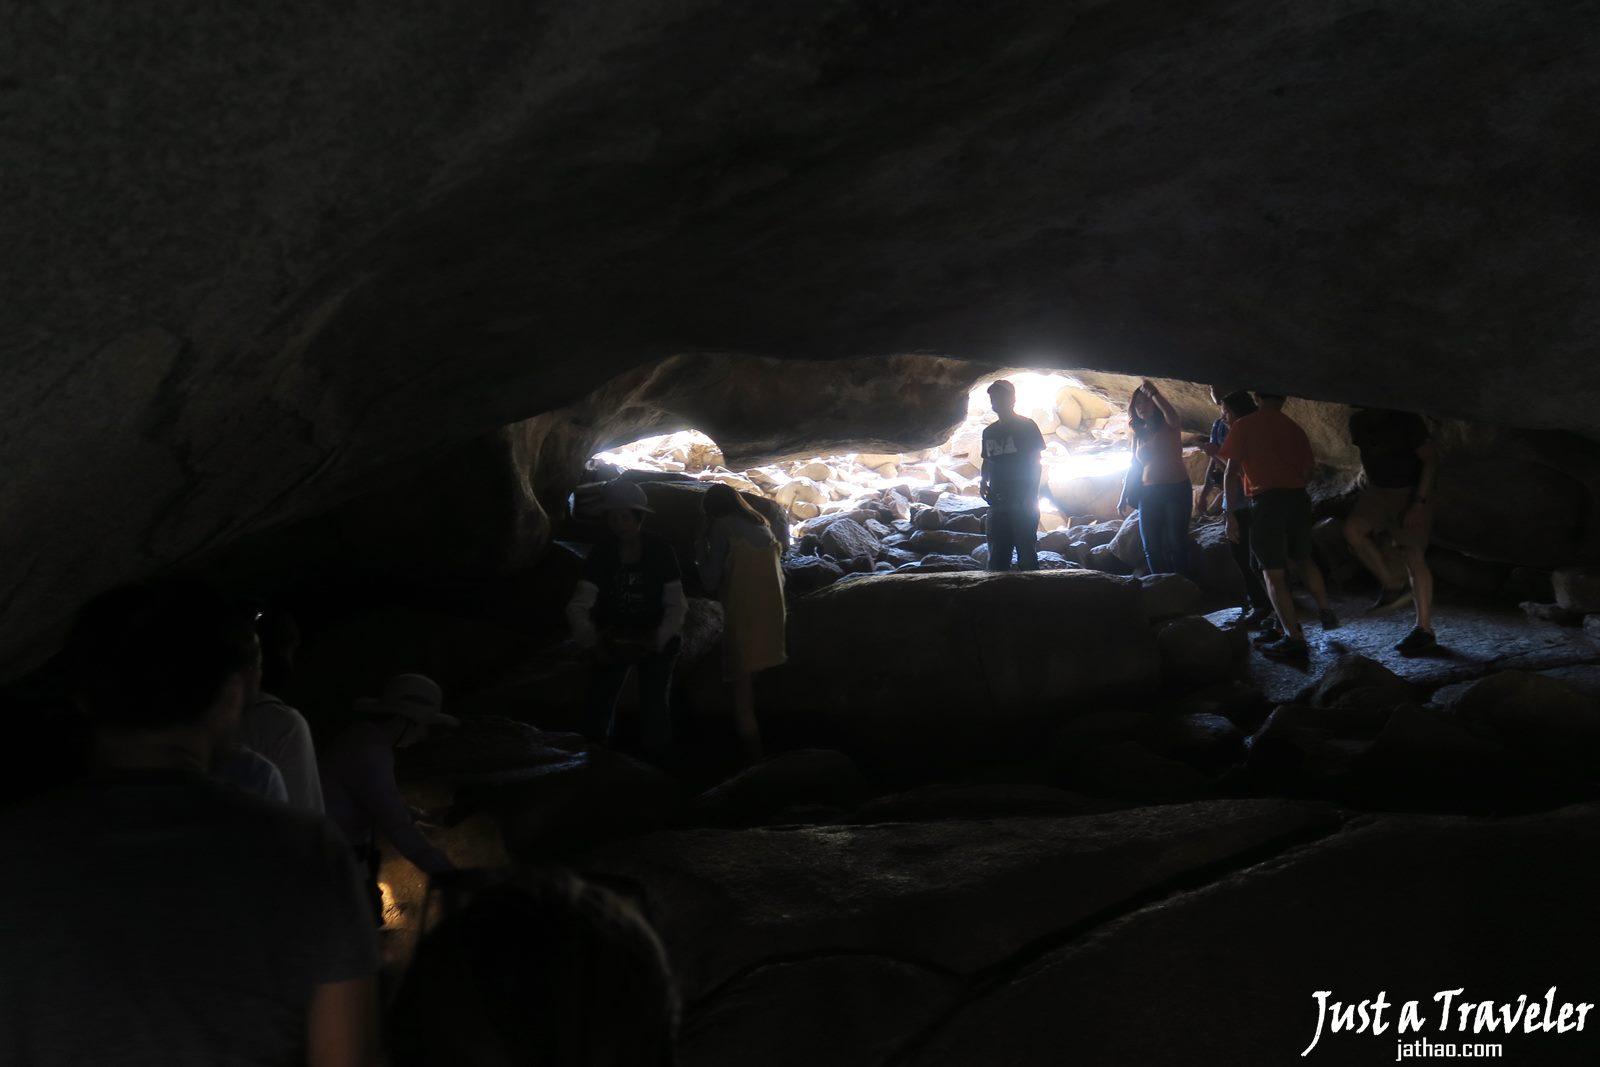 澳洲-西澳-伯斯-推薦-景點-波浪岩-莫卡洞-Mulka's Cave-自由行-旅遊-行程-一日遊-二日遊-遊記-旅遊-觀光-Australia-Perth-Wave-Rock